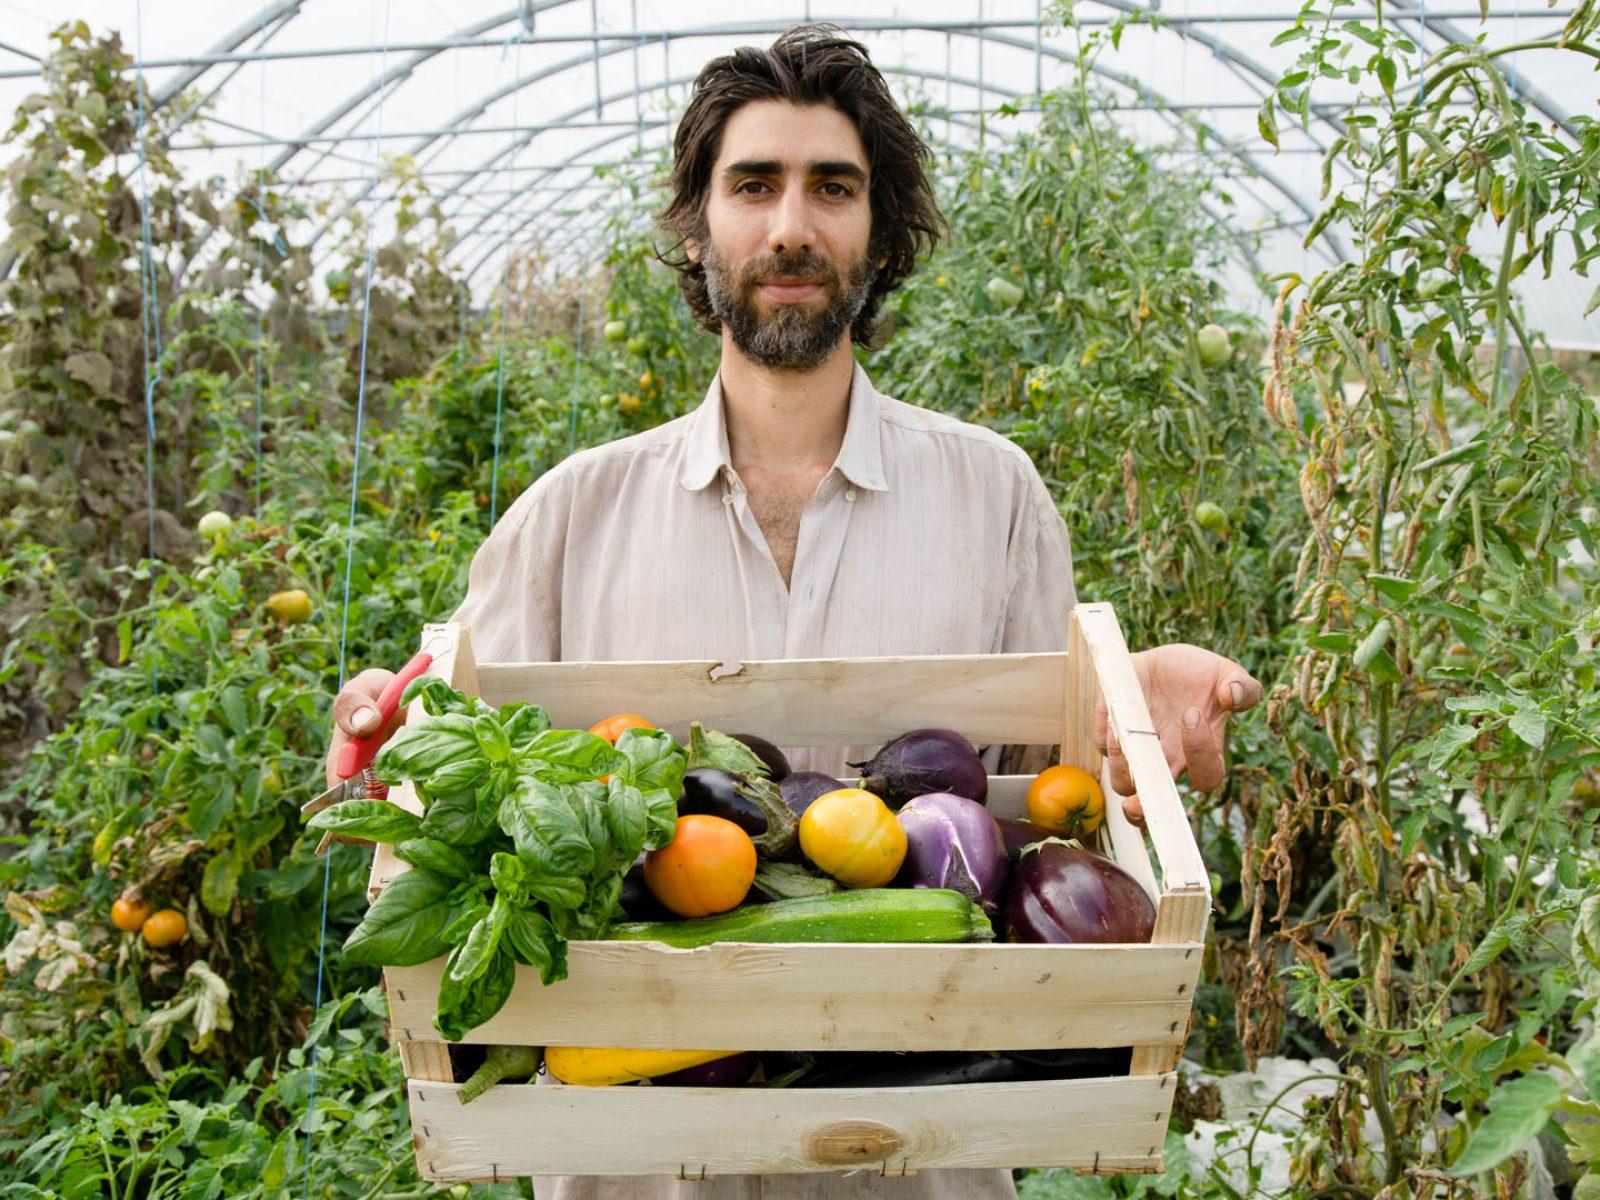 Benoît tenant une cagette pleine de légumes colorés